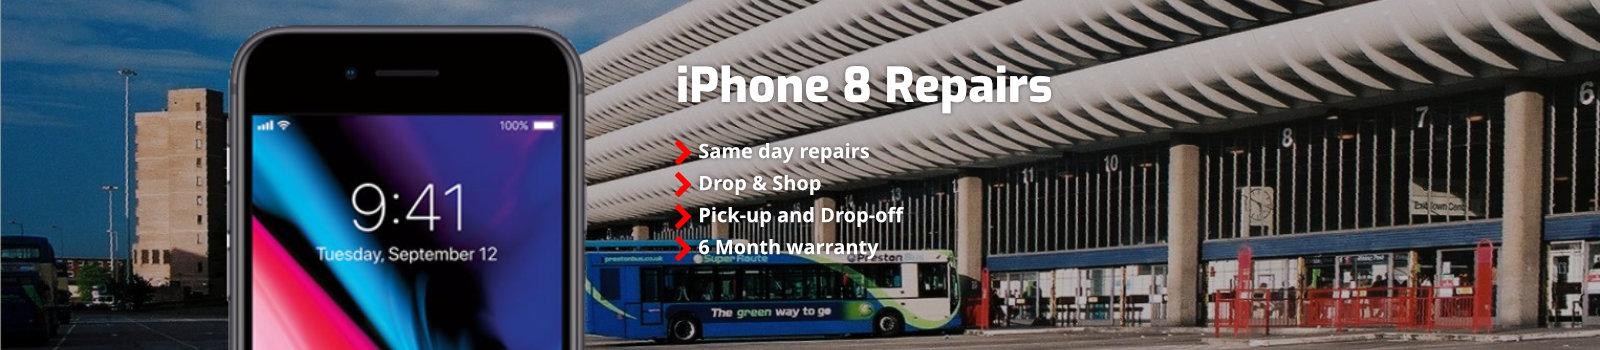 Iphone 8 Repairs Preston